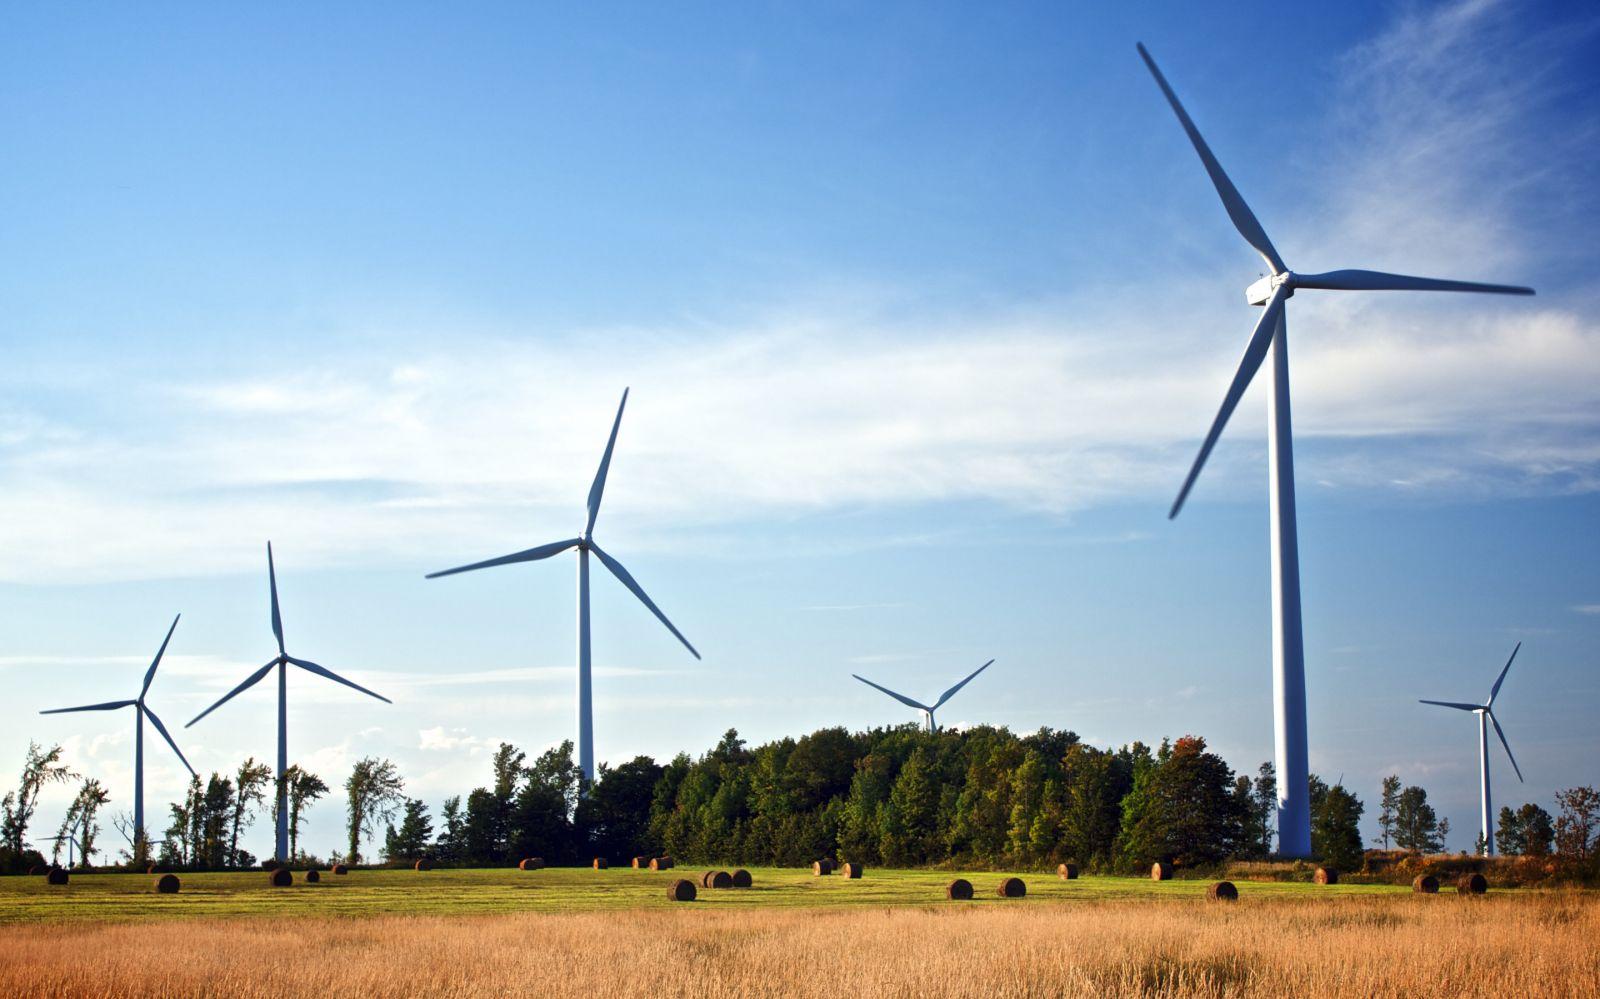 ADB ký khoản vay xanh đầu tư cho dự án trang trại điện gió